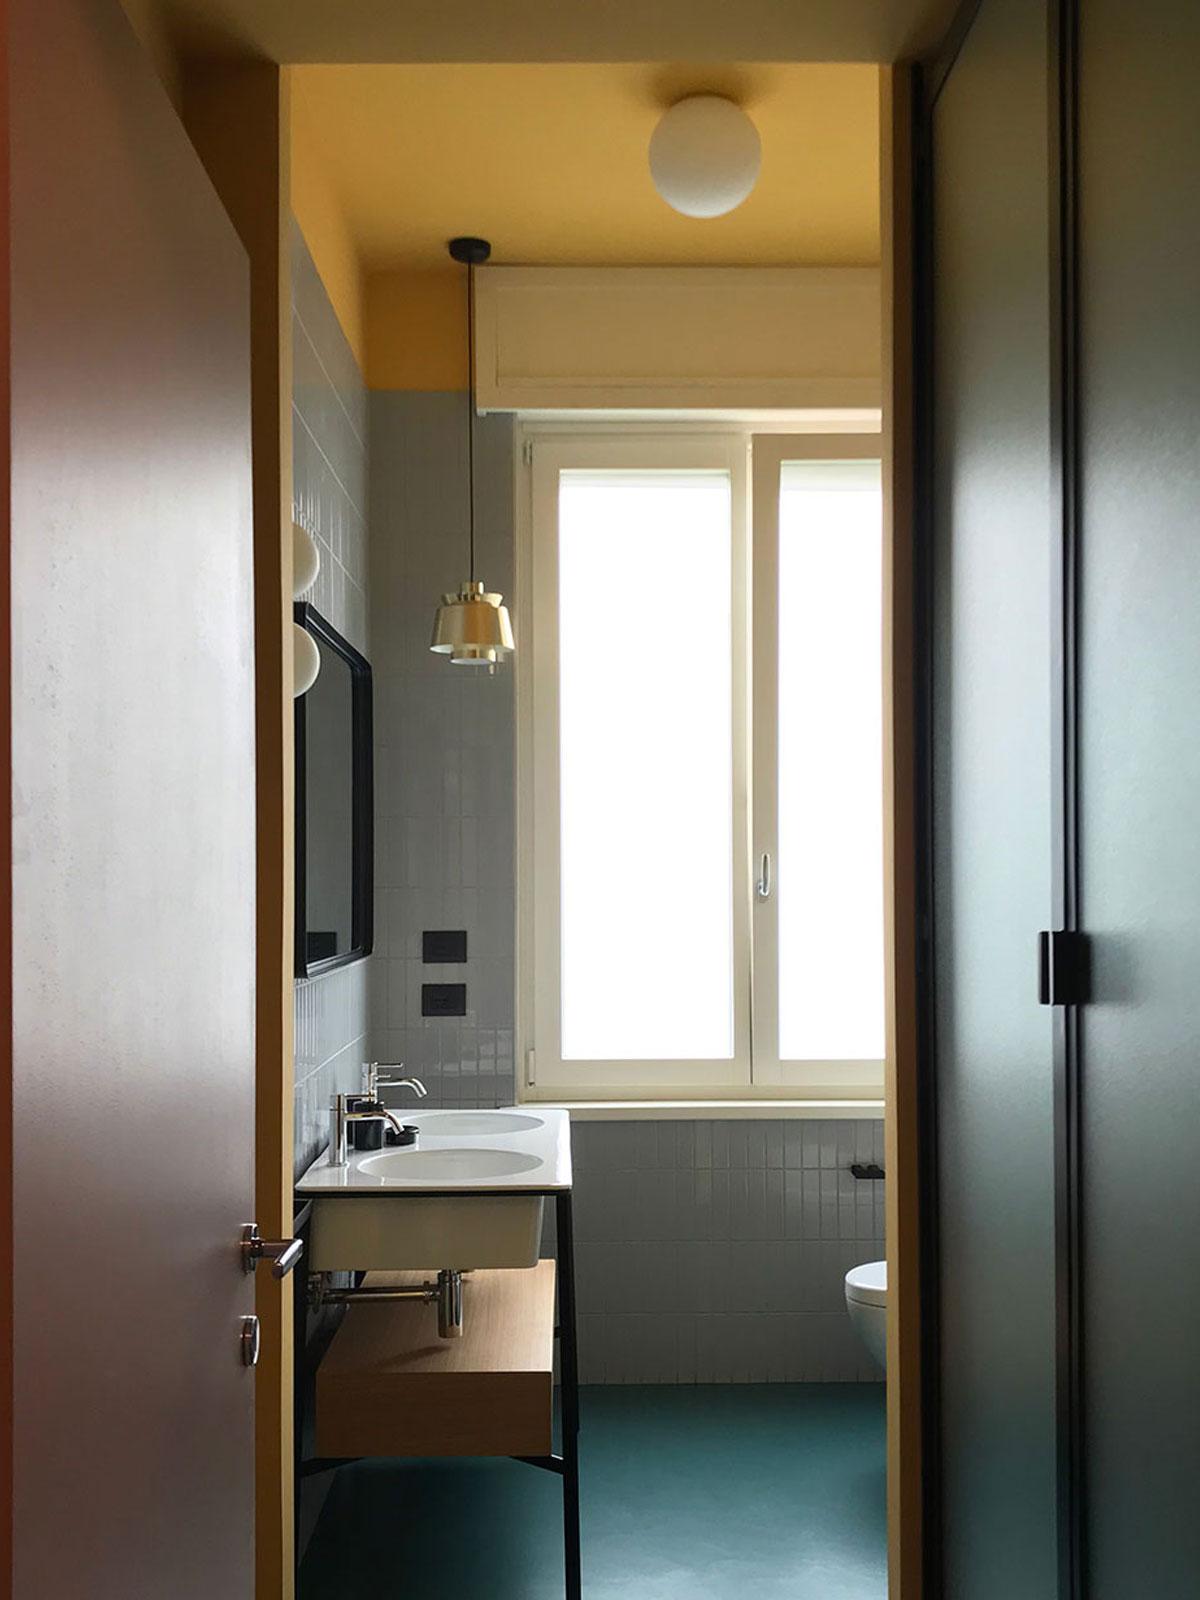 kickoffice casa ff2 bathroom epoxy light artemide cermaicavogue kerakoll ceramicacielo